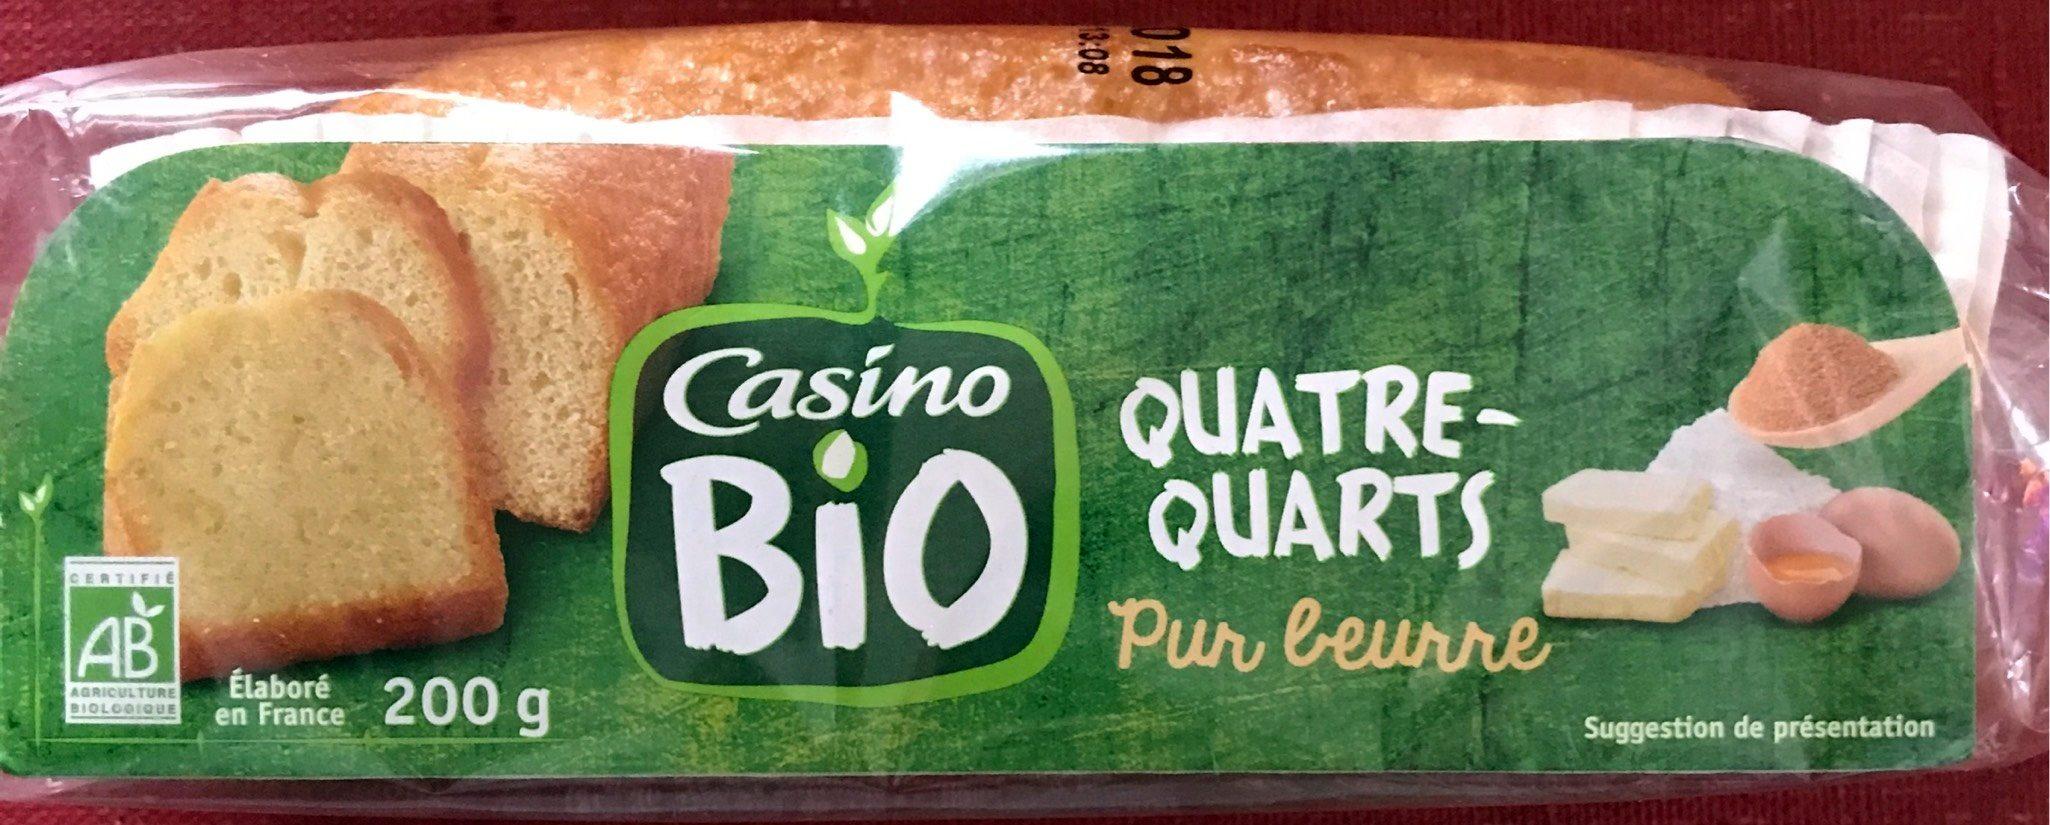 Quatre-quarts Bio - Product - fr